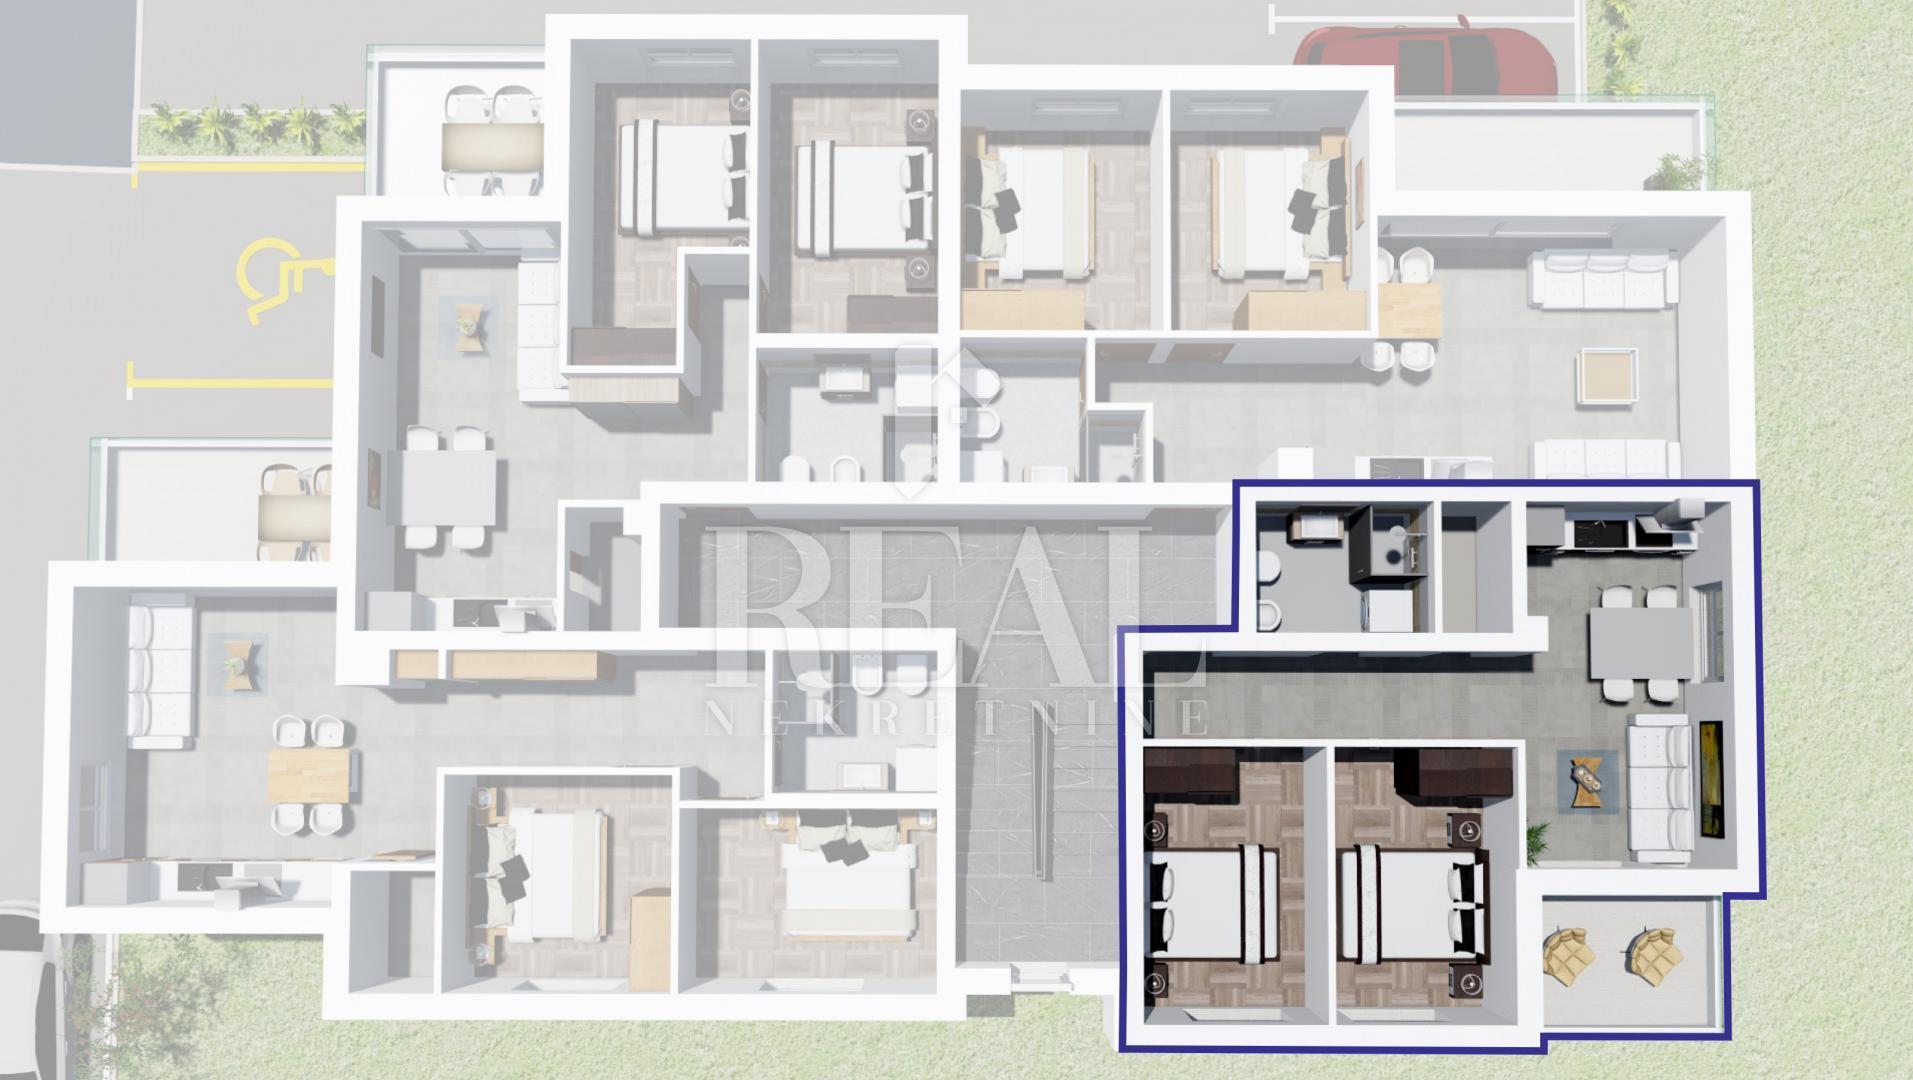 Novogradnja Peroj,apartman  47,86m2,balkon